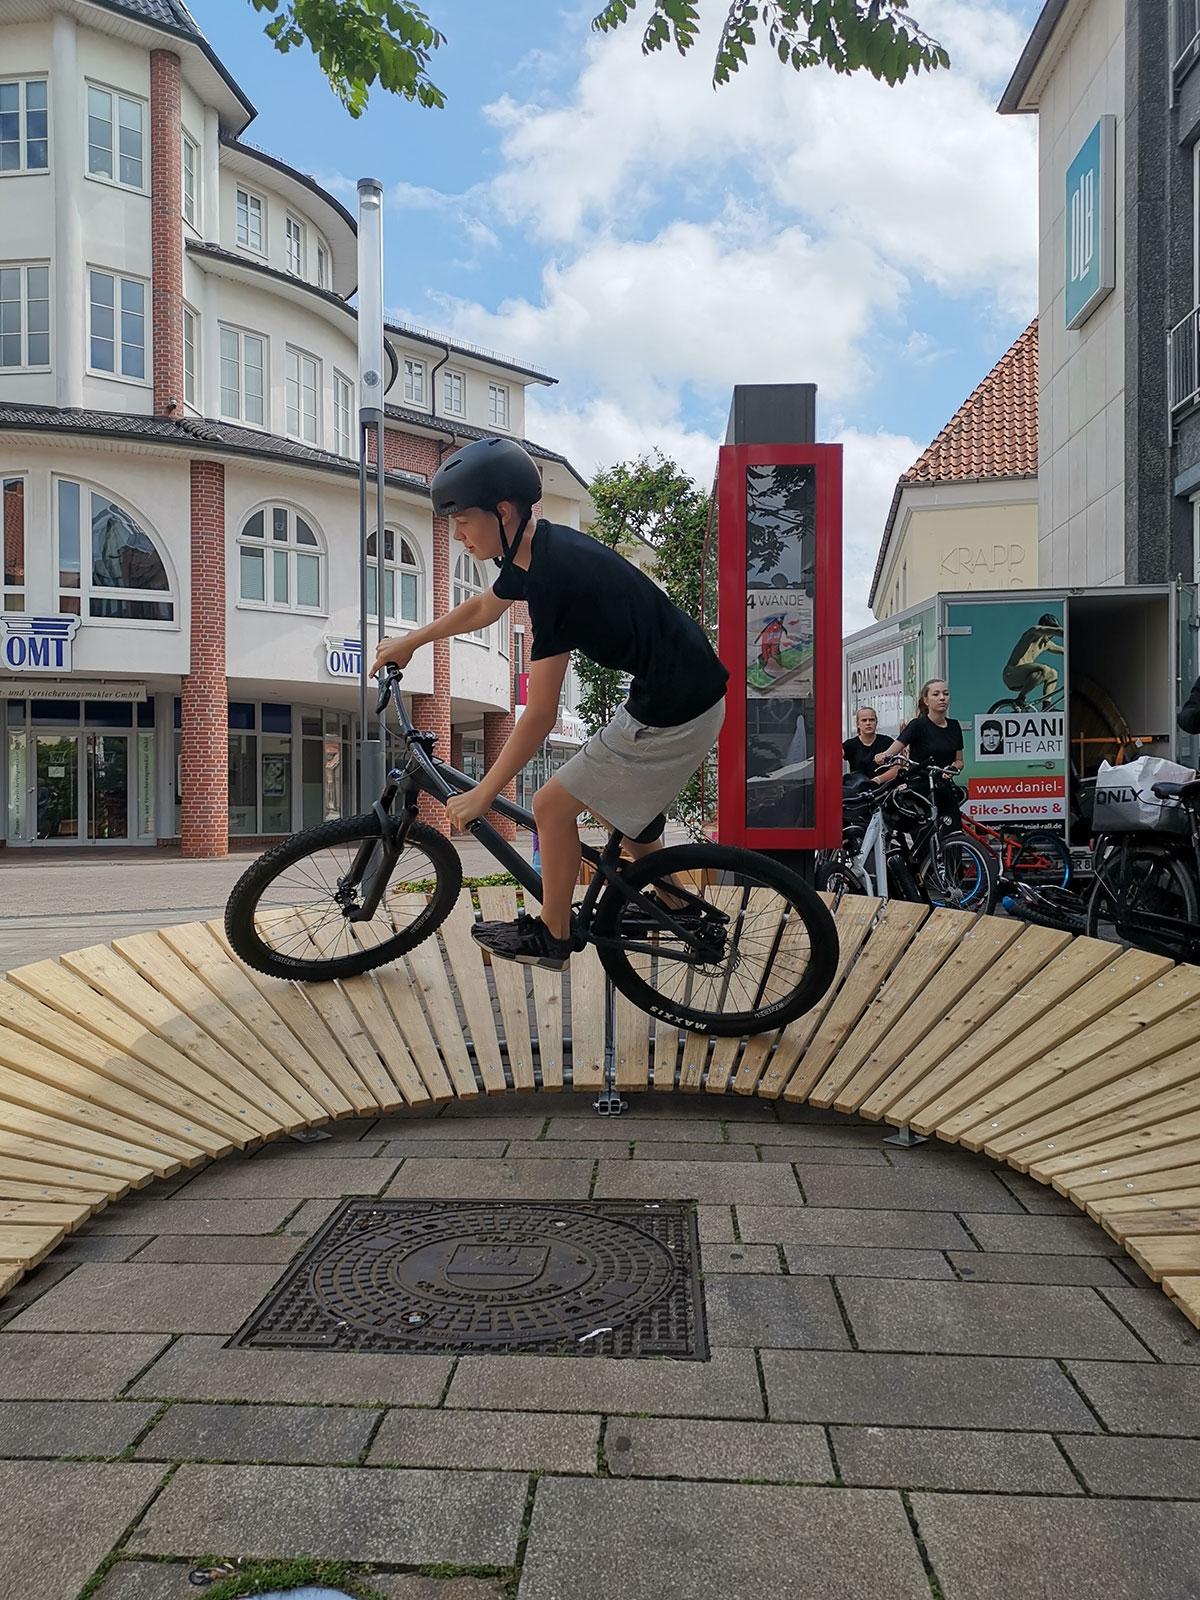 daniel-rall-bike-artist-hornberg-bike-coaching-schuetze